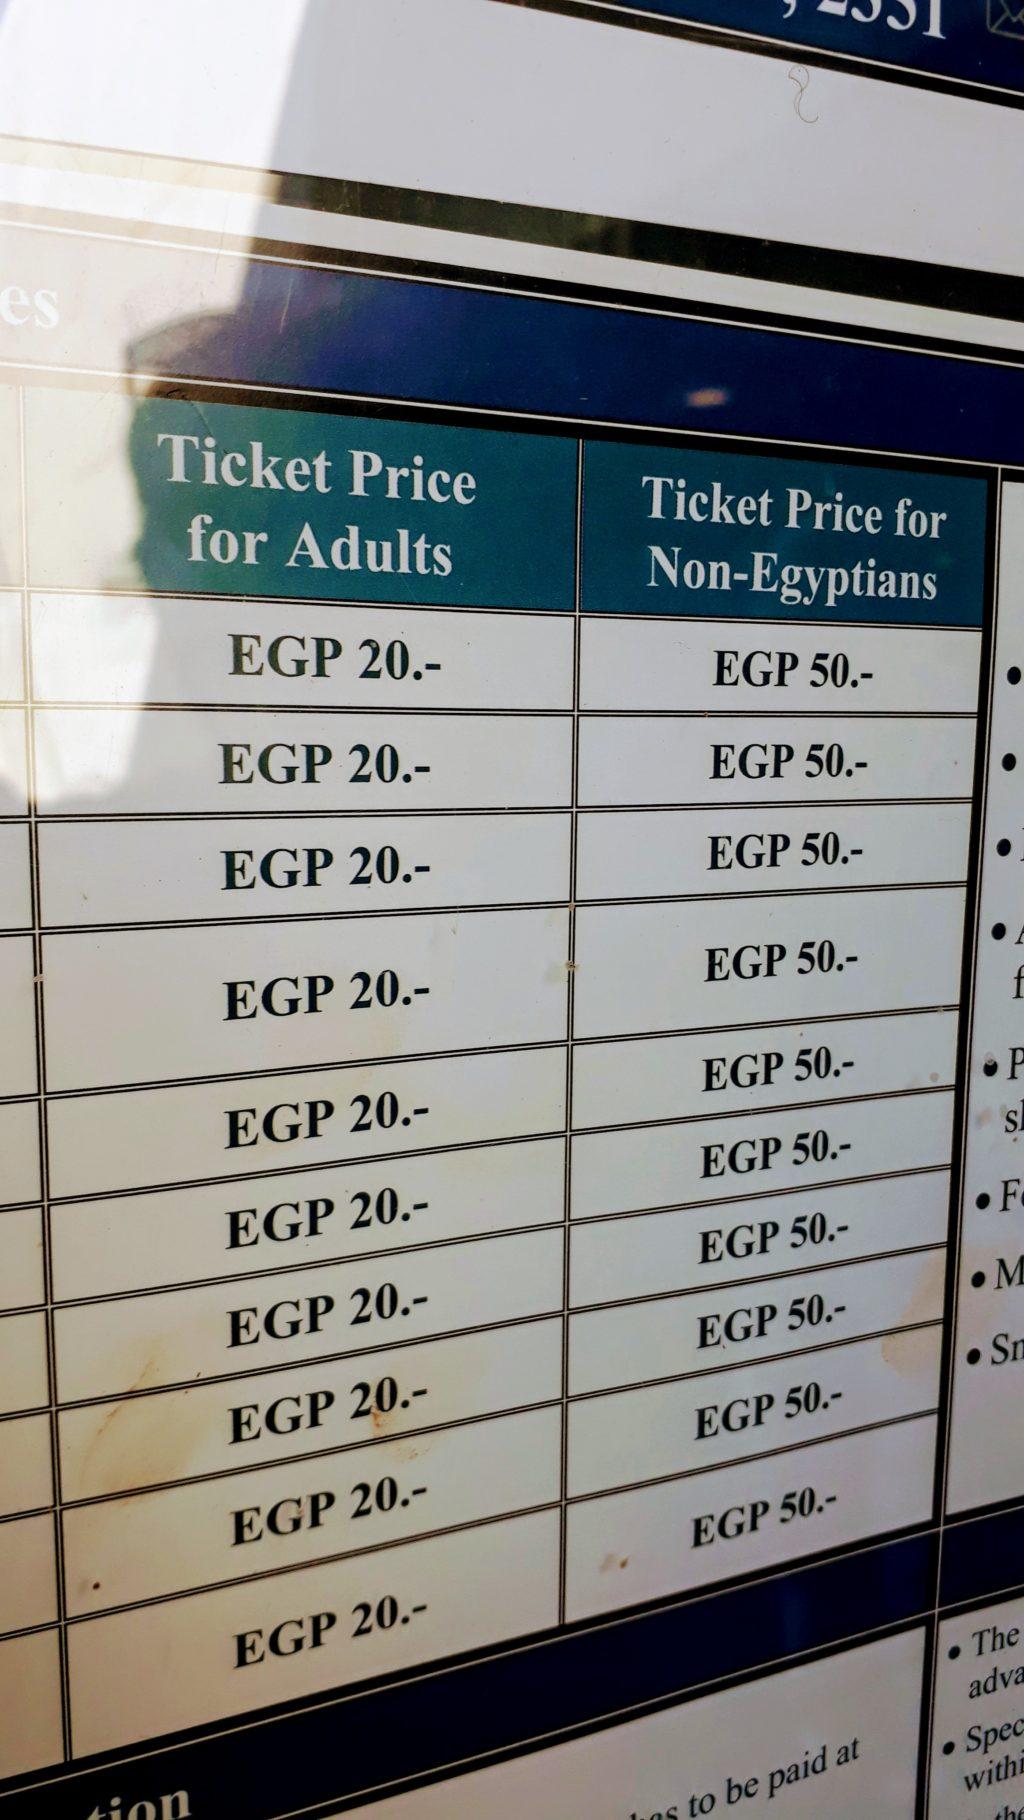 Varios precios de entradas para egipcios y no egipcios